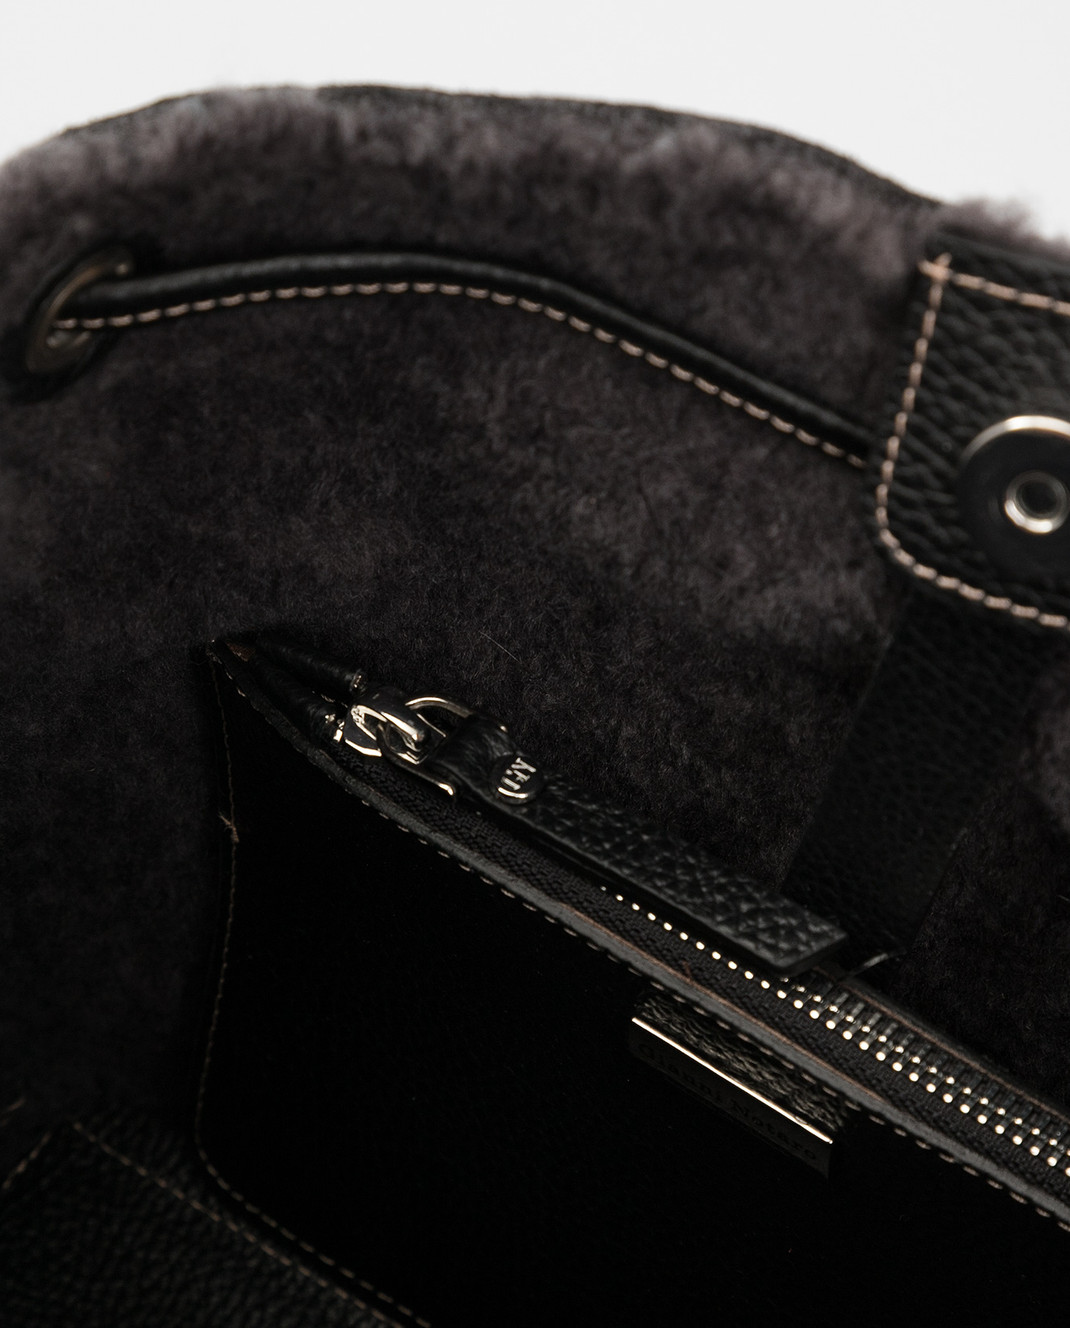 Gianni Notaro Черная сумка из кожи и меха 309 изображение 5